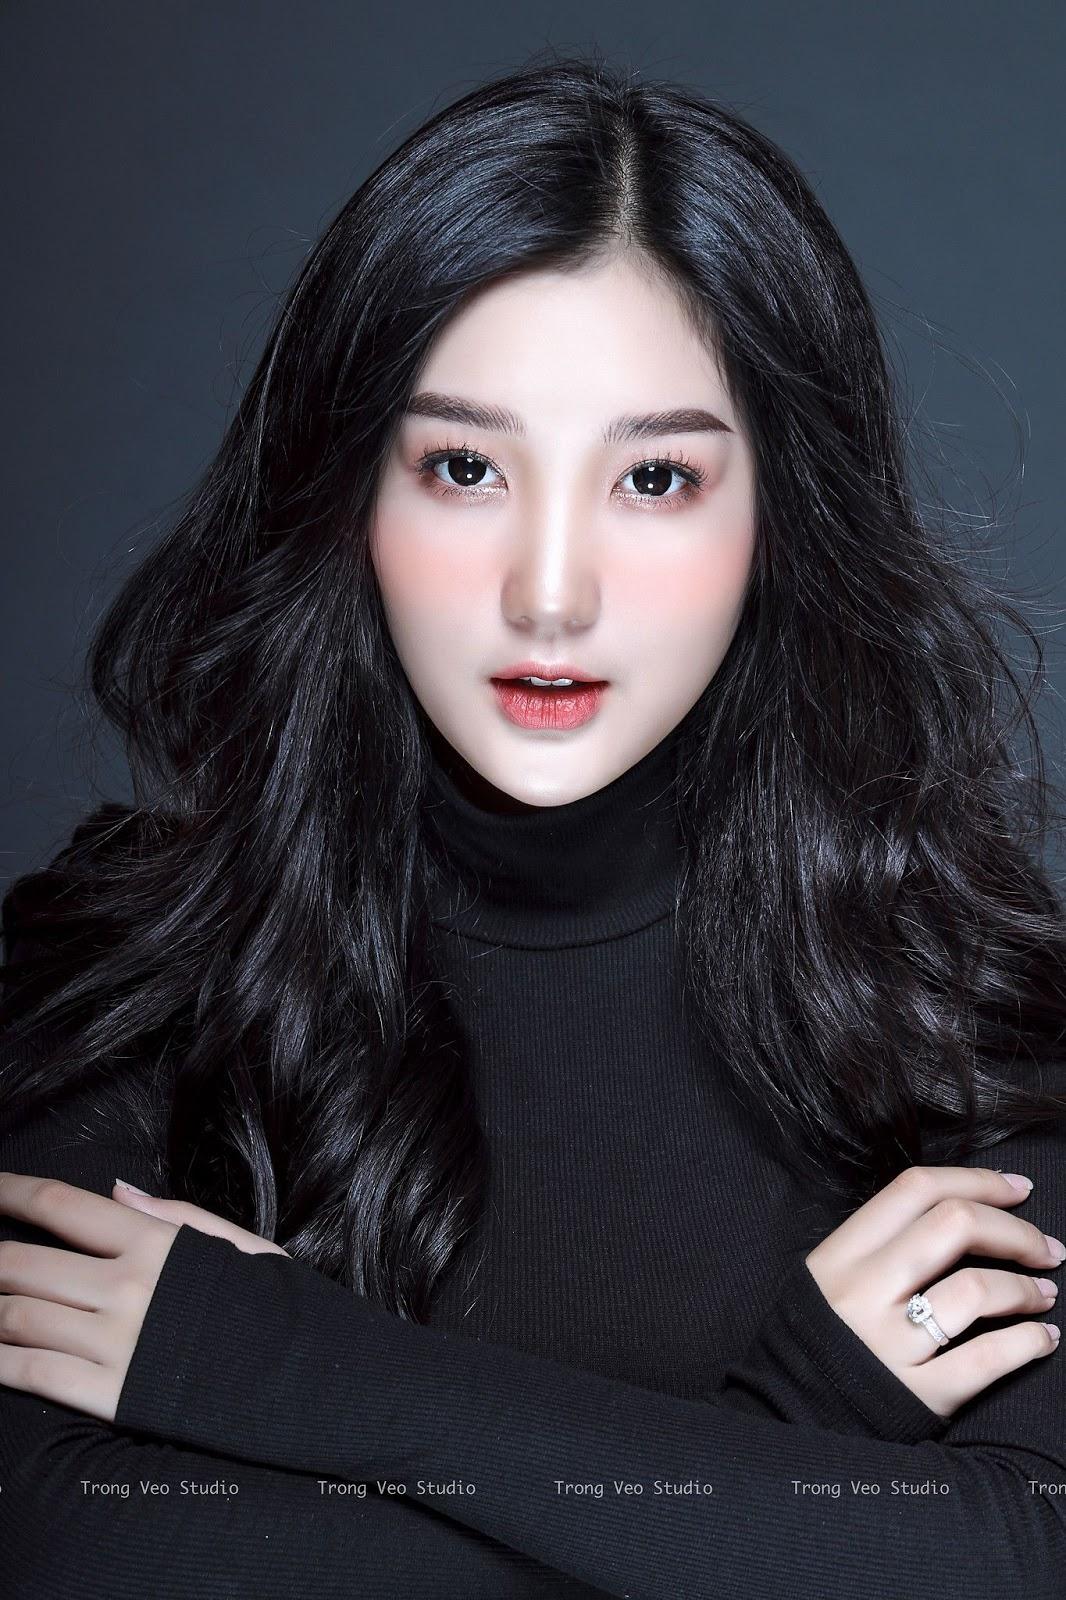 Bộ ảnh girl xinh Thanh Tuyền quá đẹp,khiến người ngắm nhìn say mê